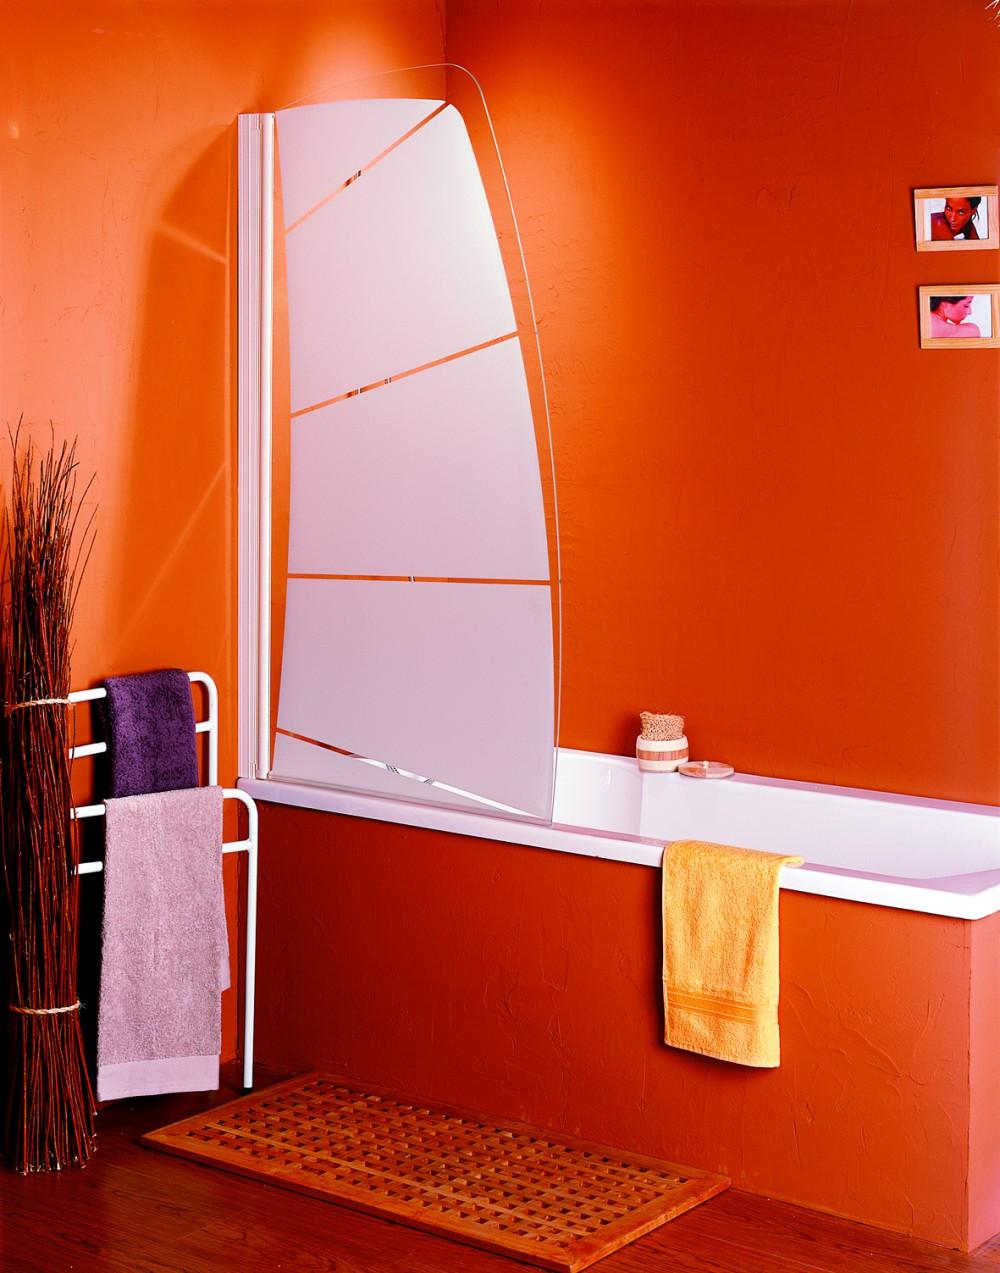 Преимущества оригинальной непрозрачной стеклянной шторки для ванной комнаты